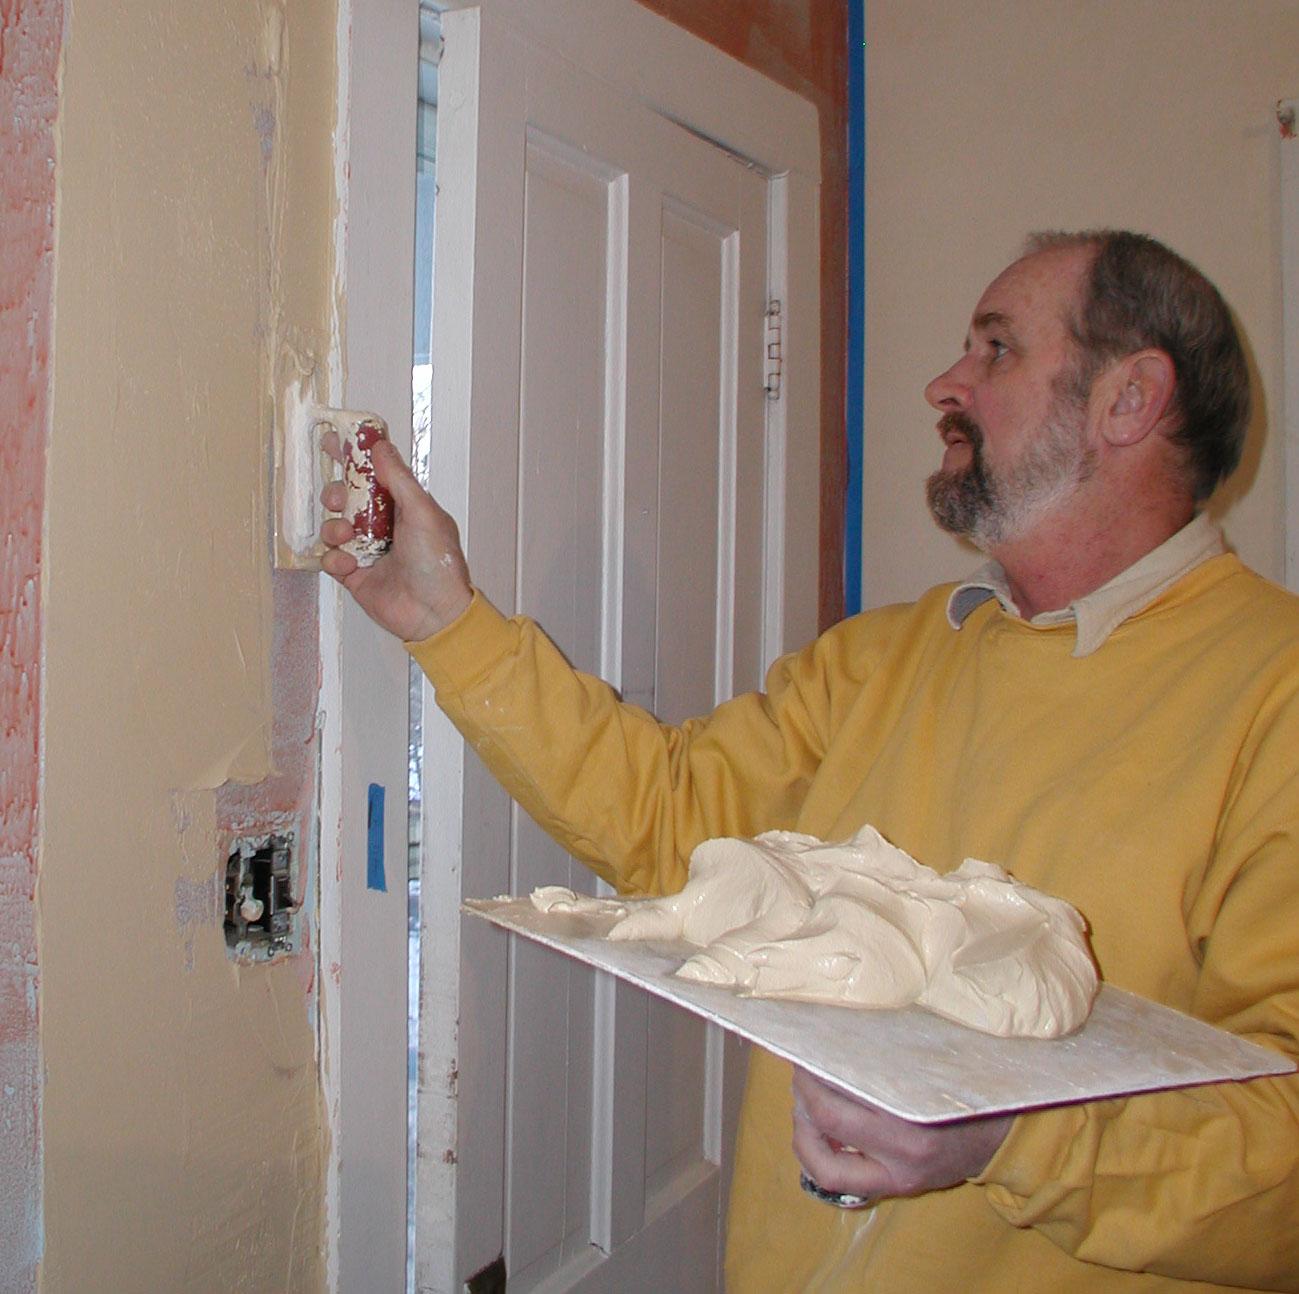 D, repairing plaster wall